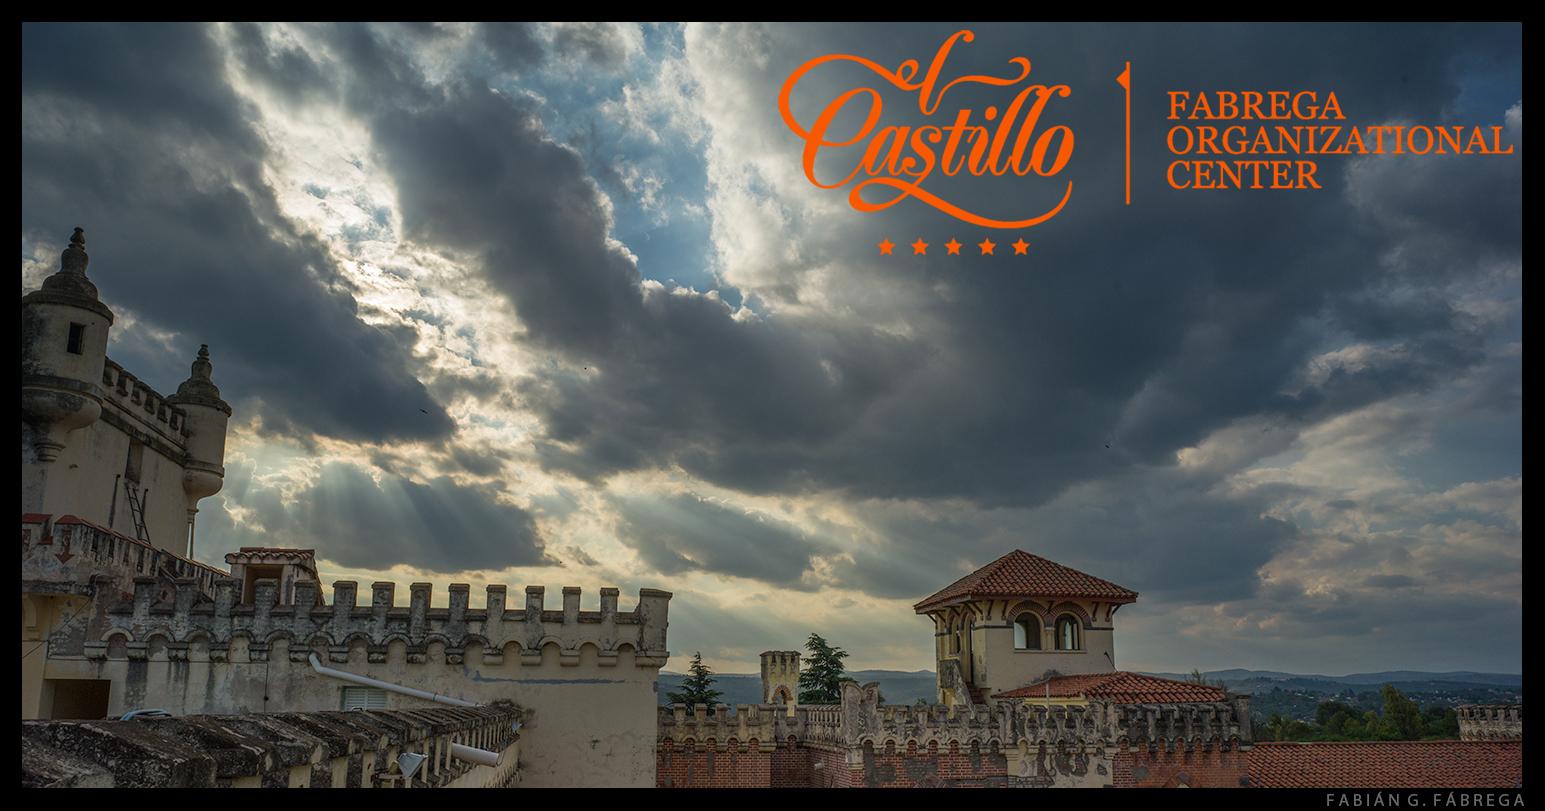 El Castillo Mailchimp 1 logo